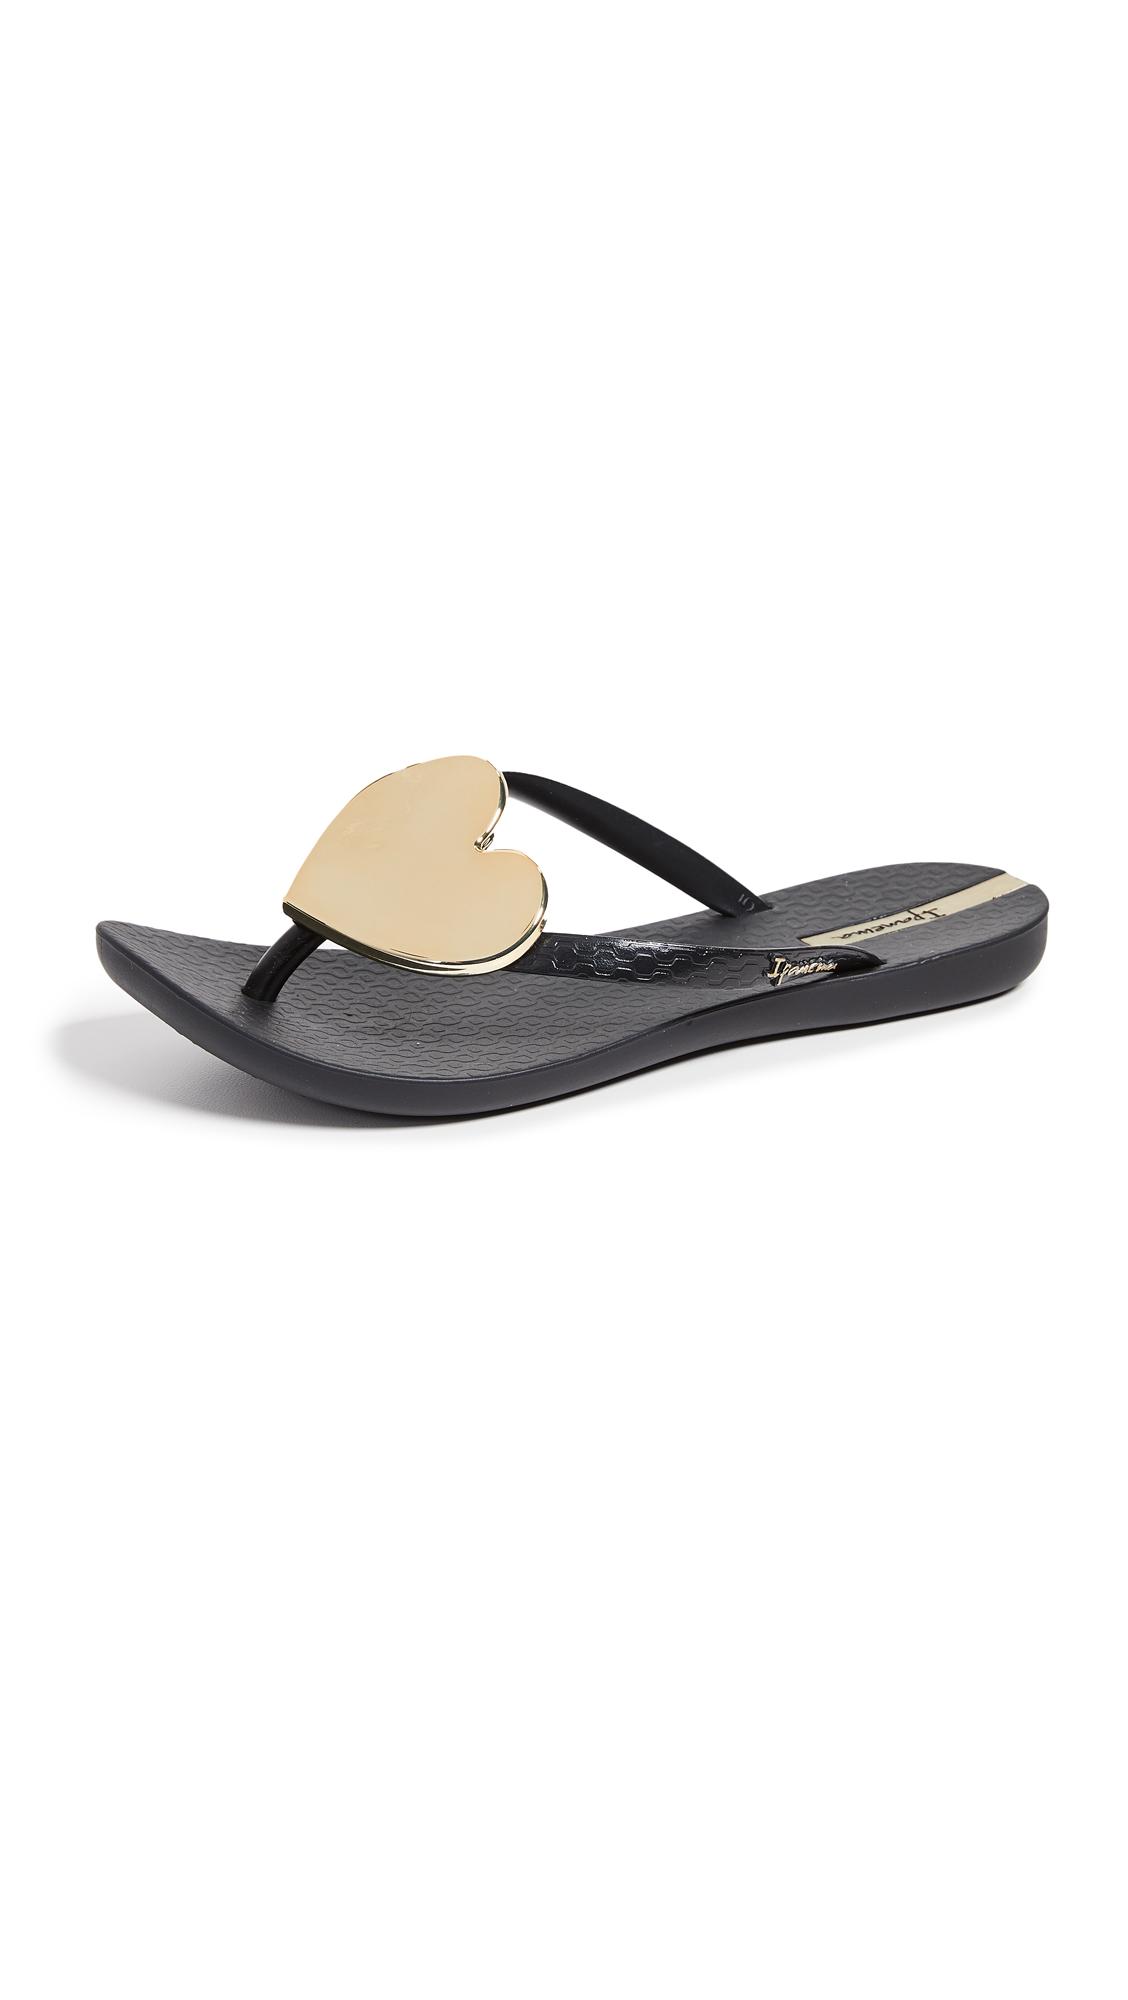 Buy Ipanema Wave Heart Flip Flops online, shop Ipanema